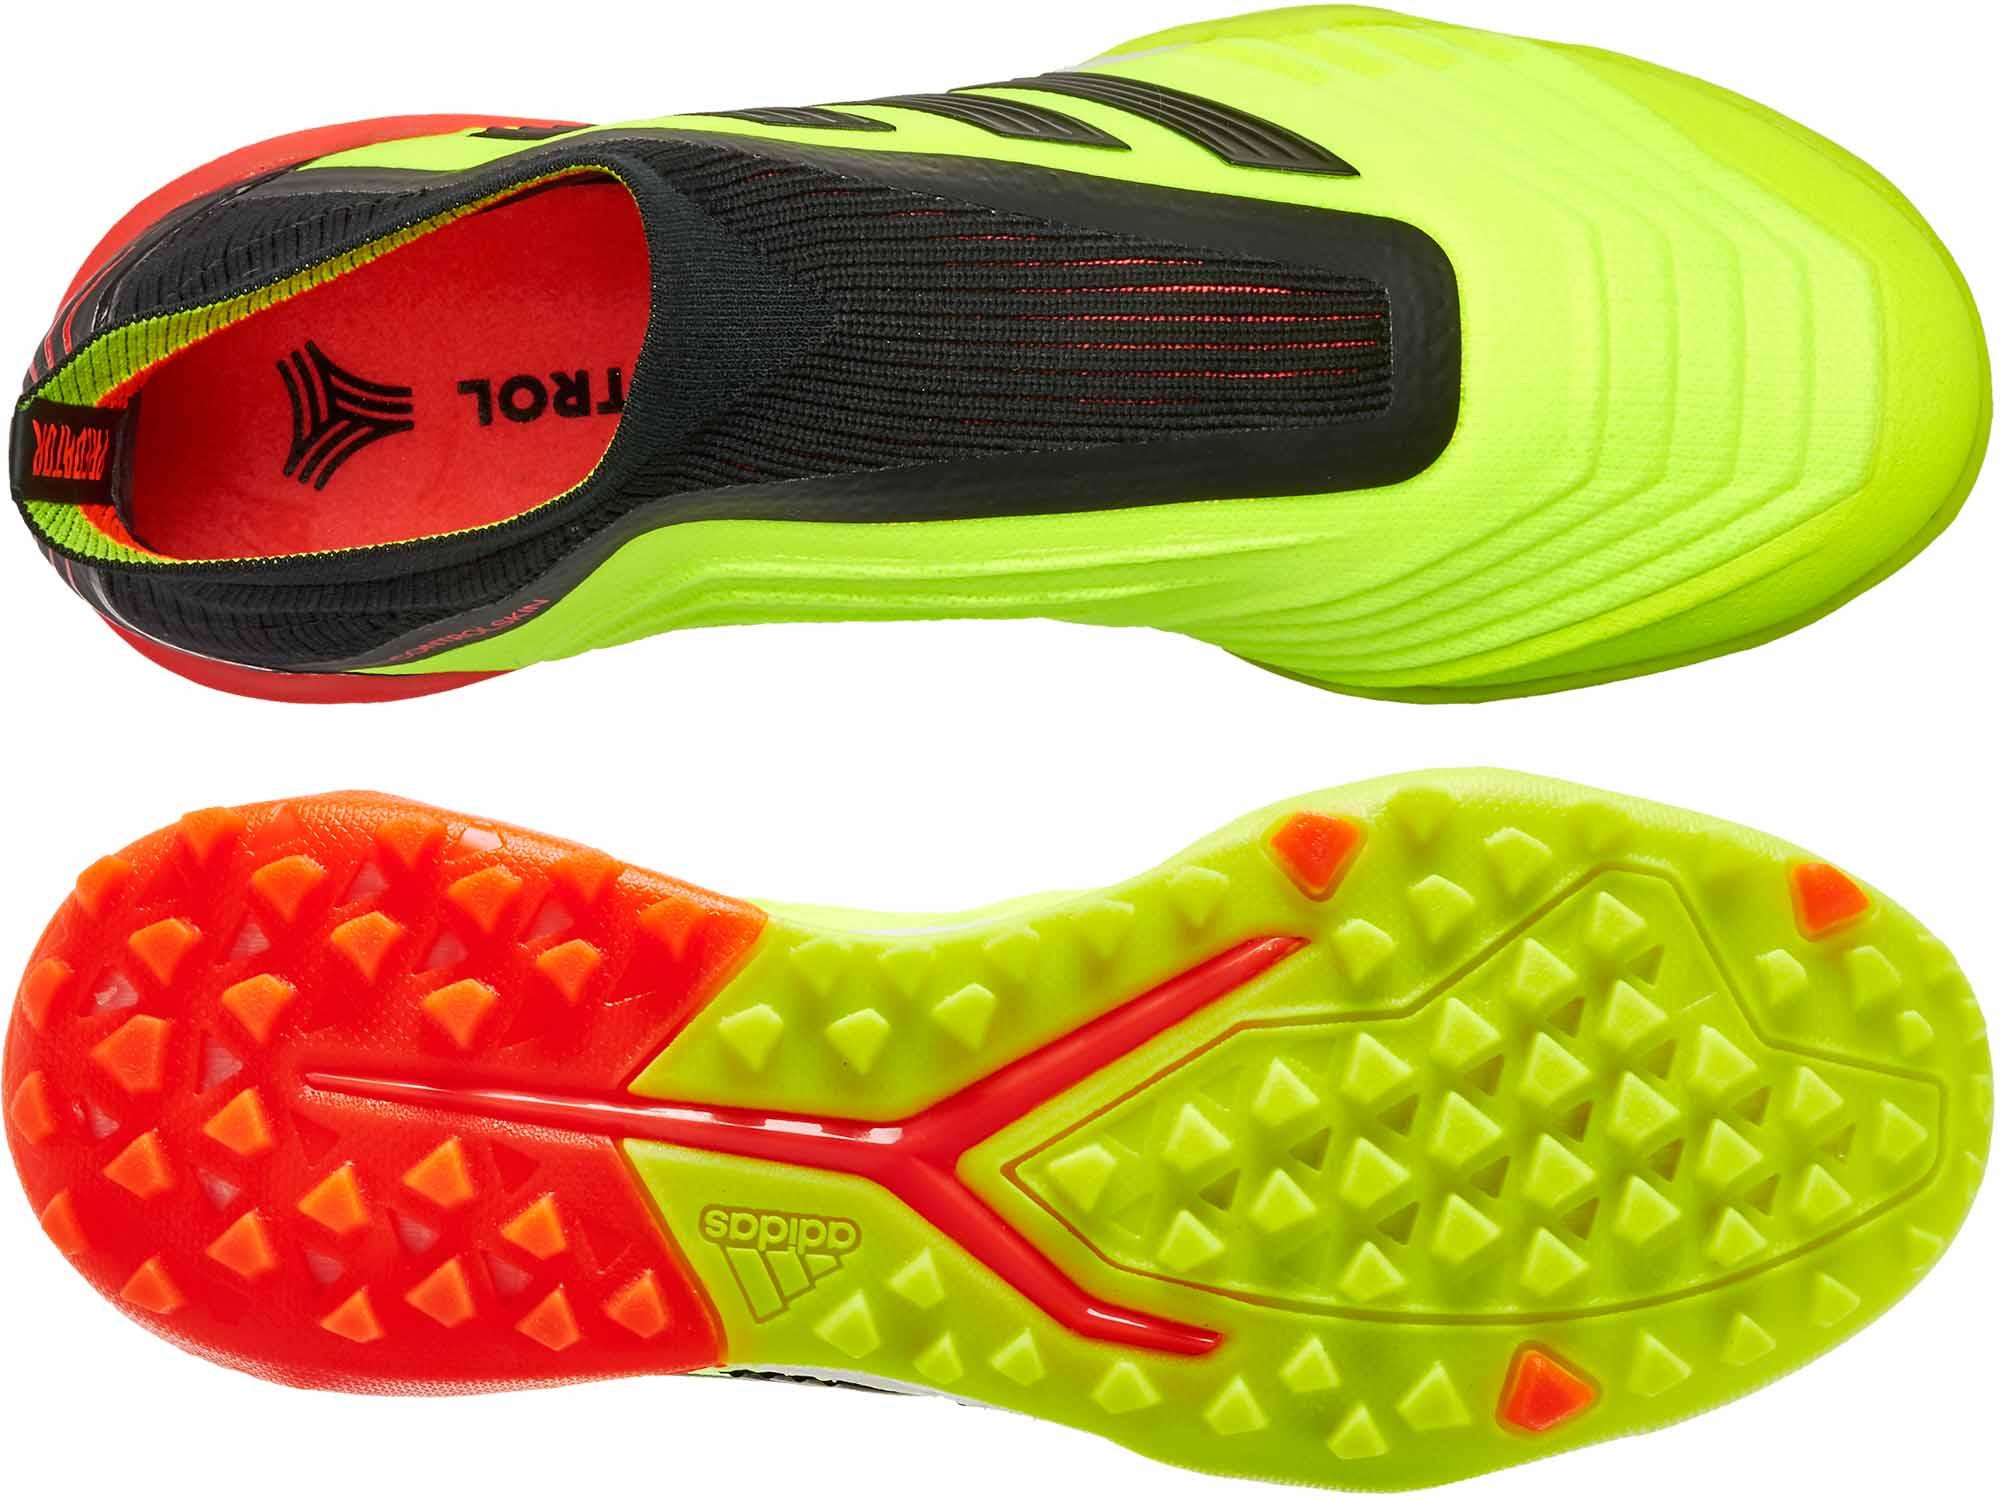 0b11bddc6 adidas Predator Tango 18 TF - Solar Yellow Black Solar Red - Soccer ...